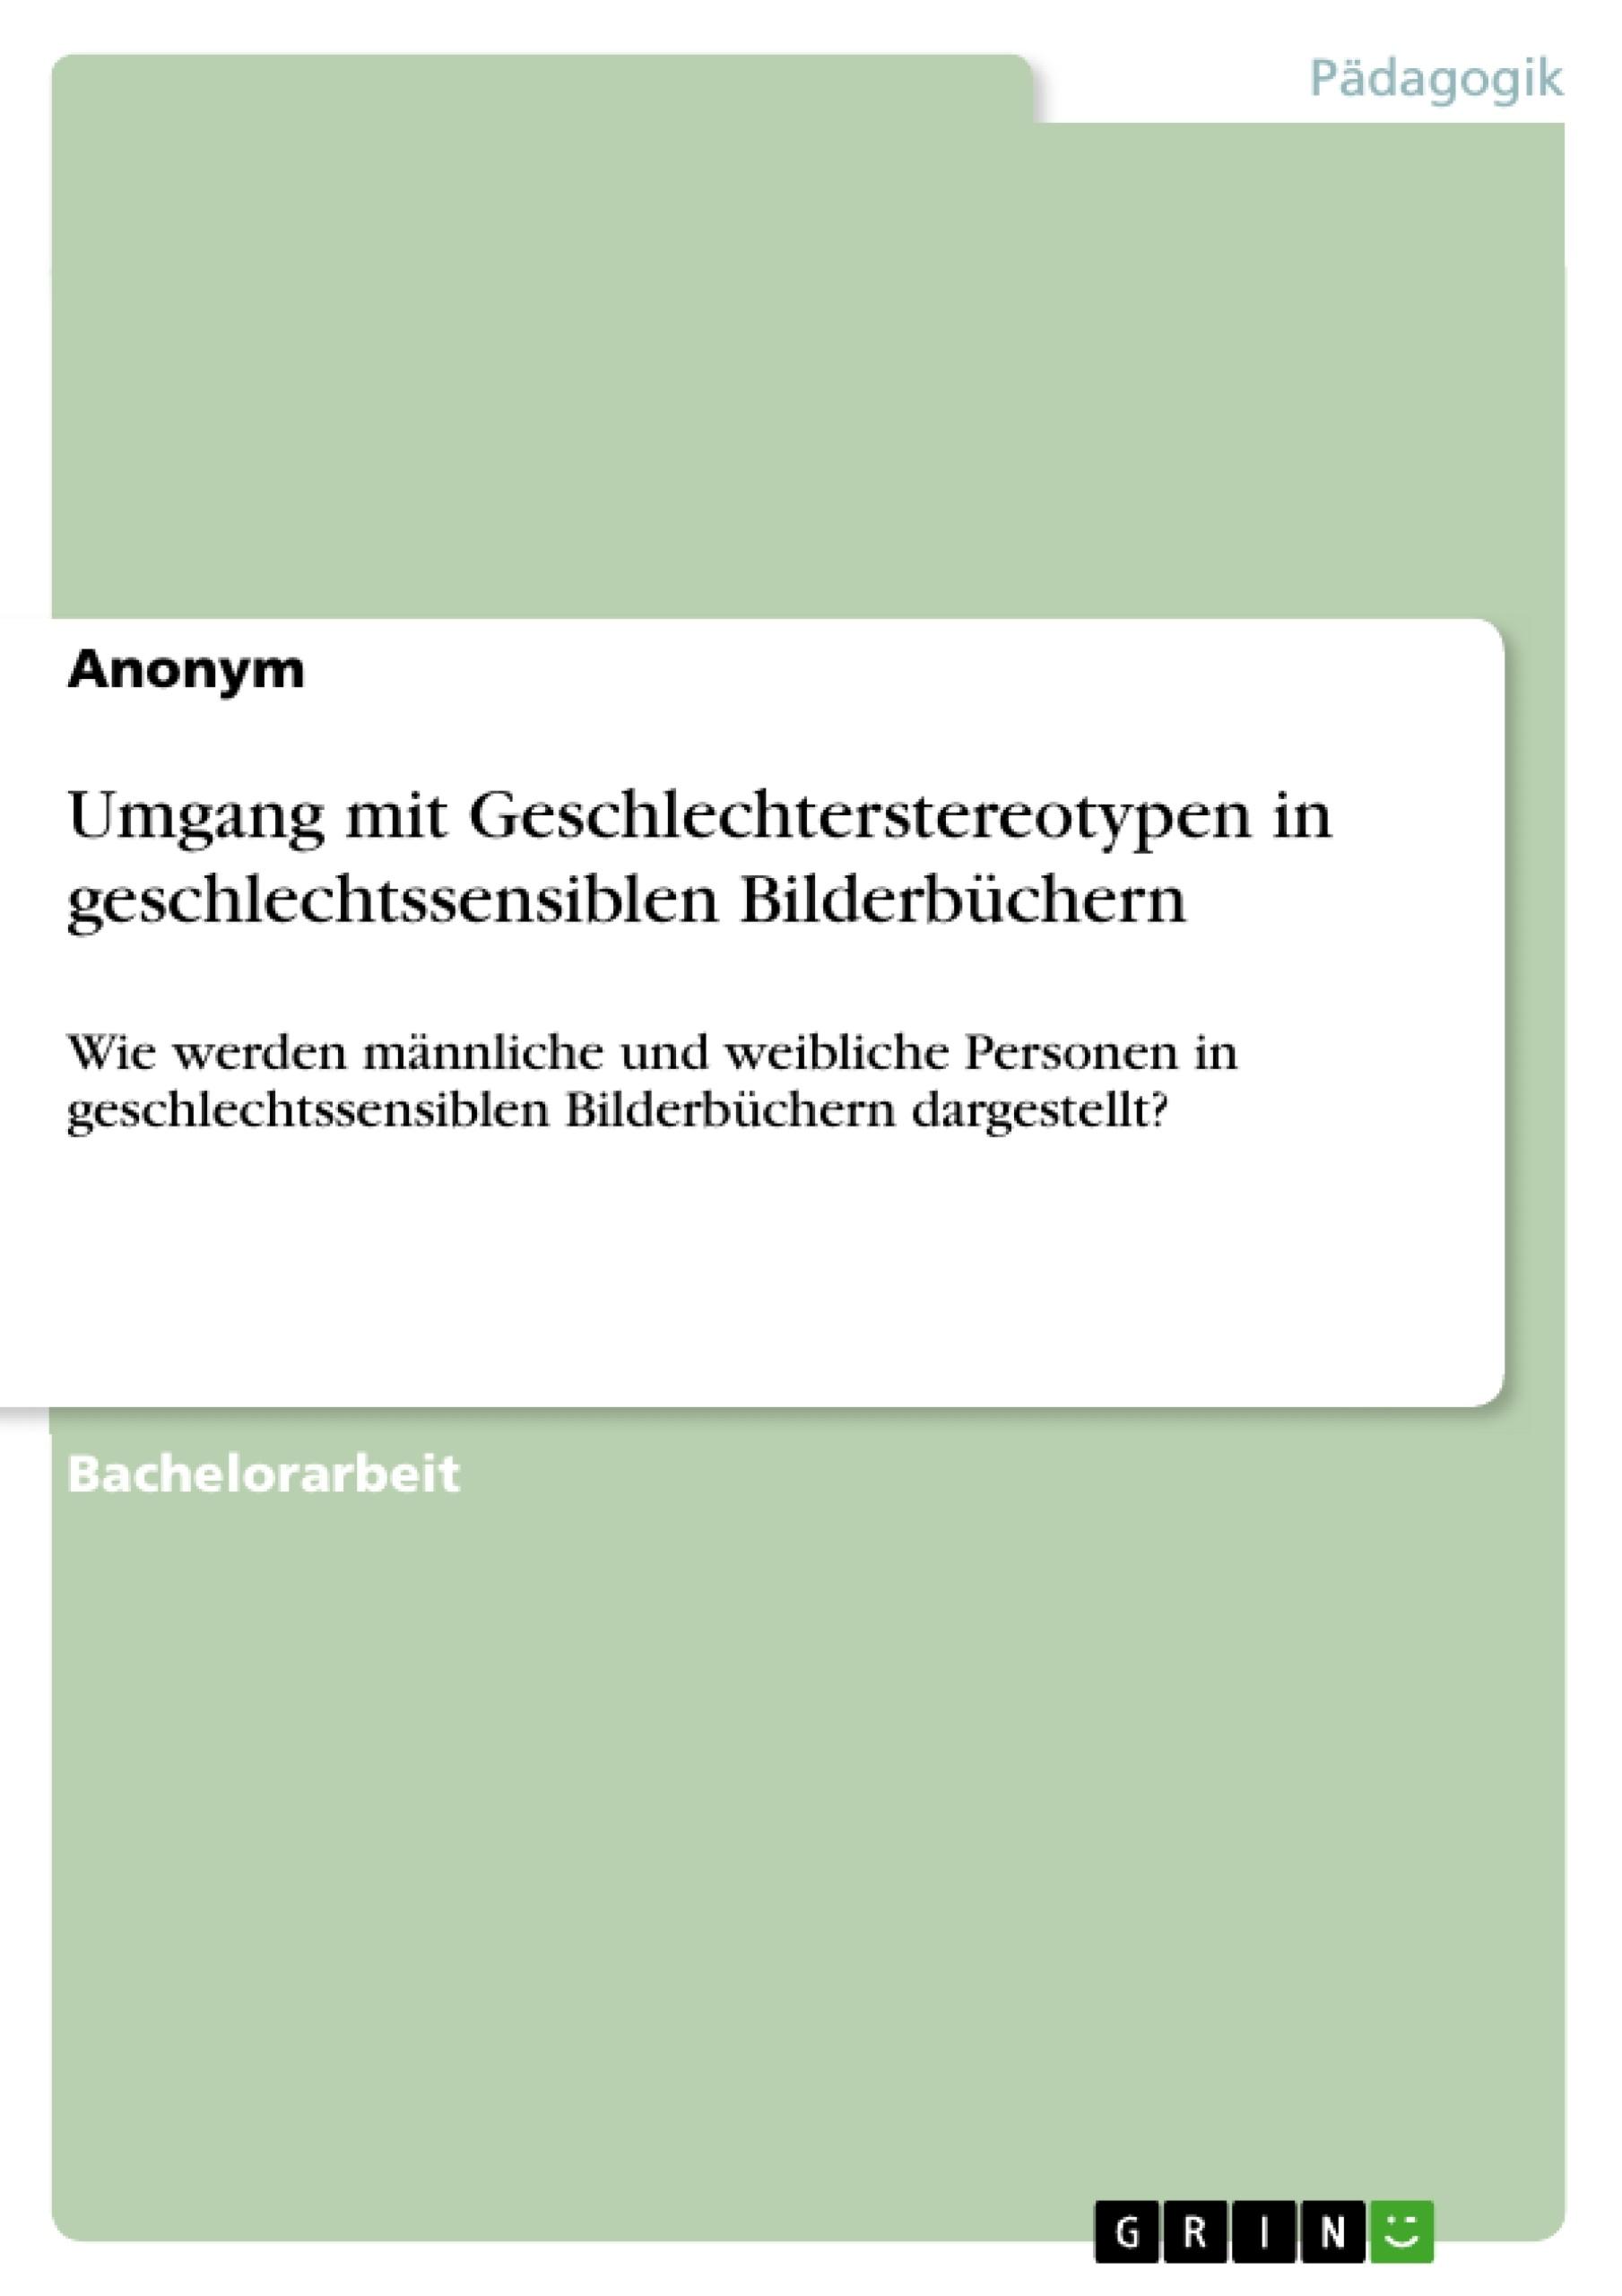 Titel: Umgang mit Geschlechterstereotypen in geschlechtssensiblen Bilderbüchern